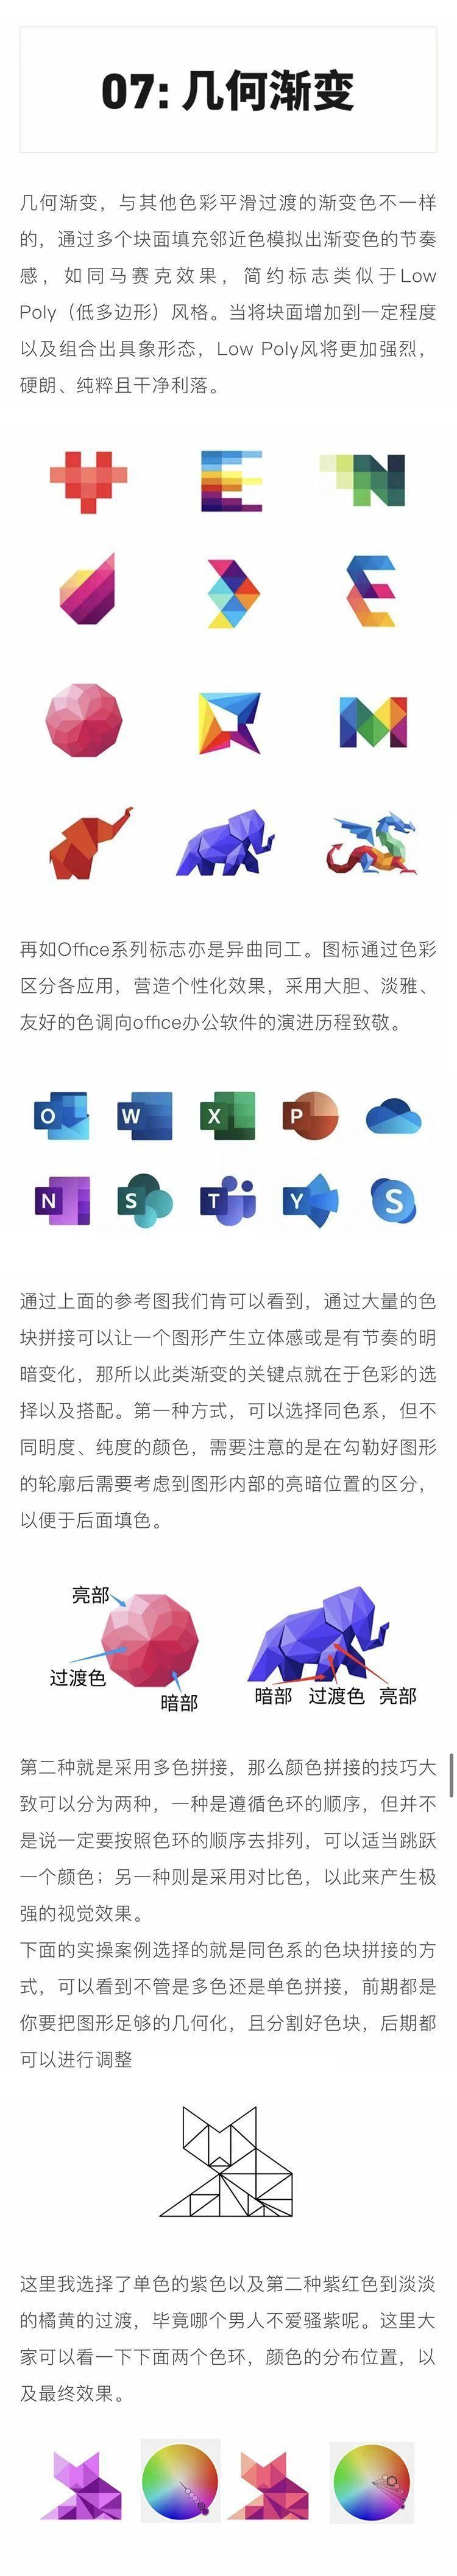 九种LOGO的渐变设计技法